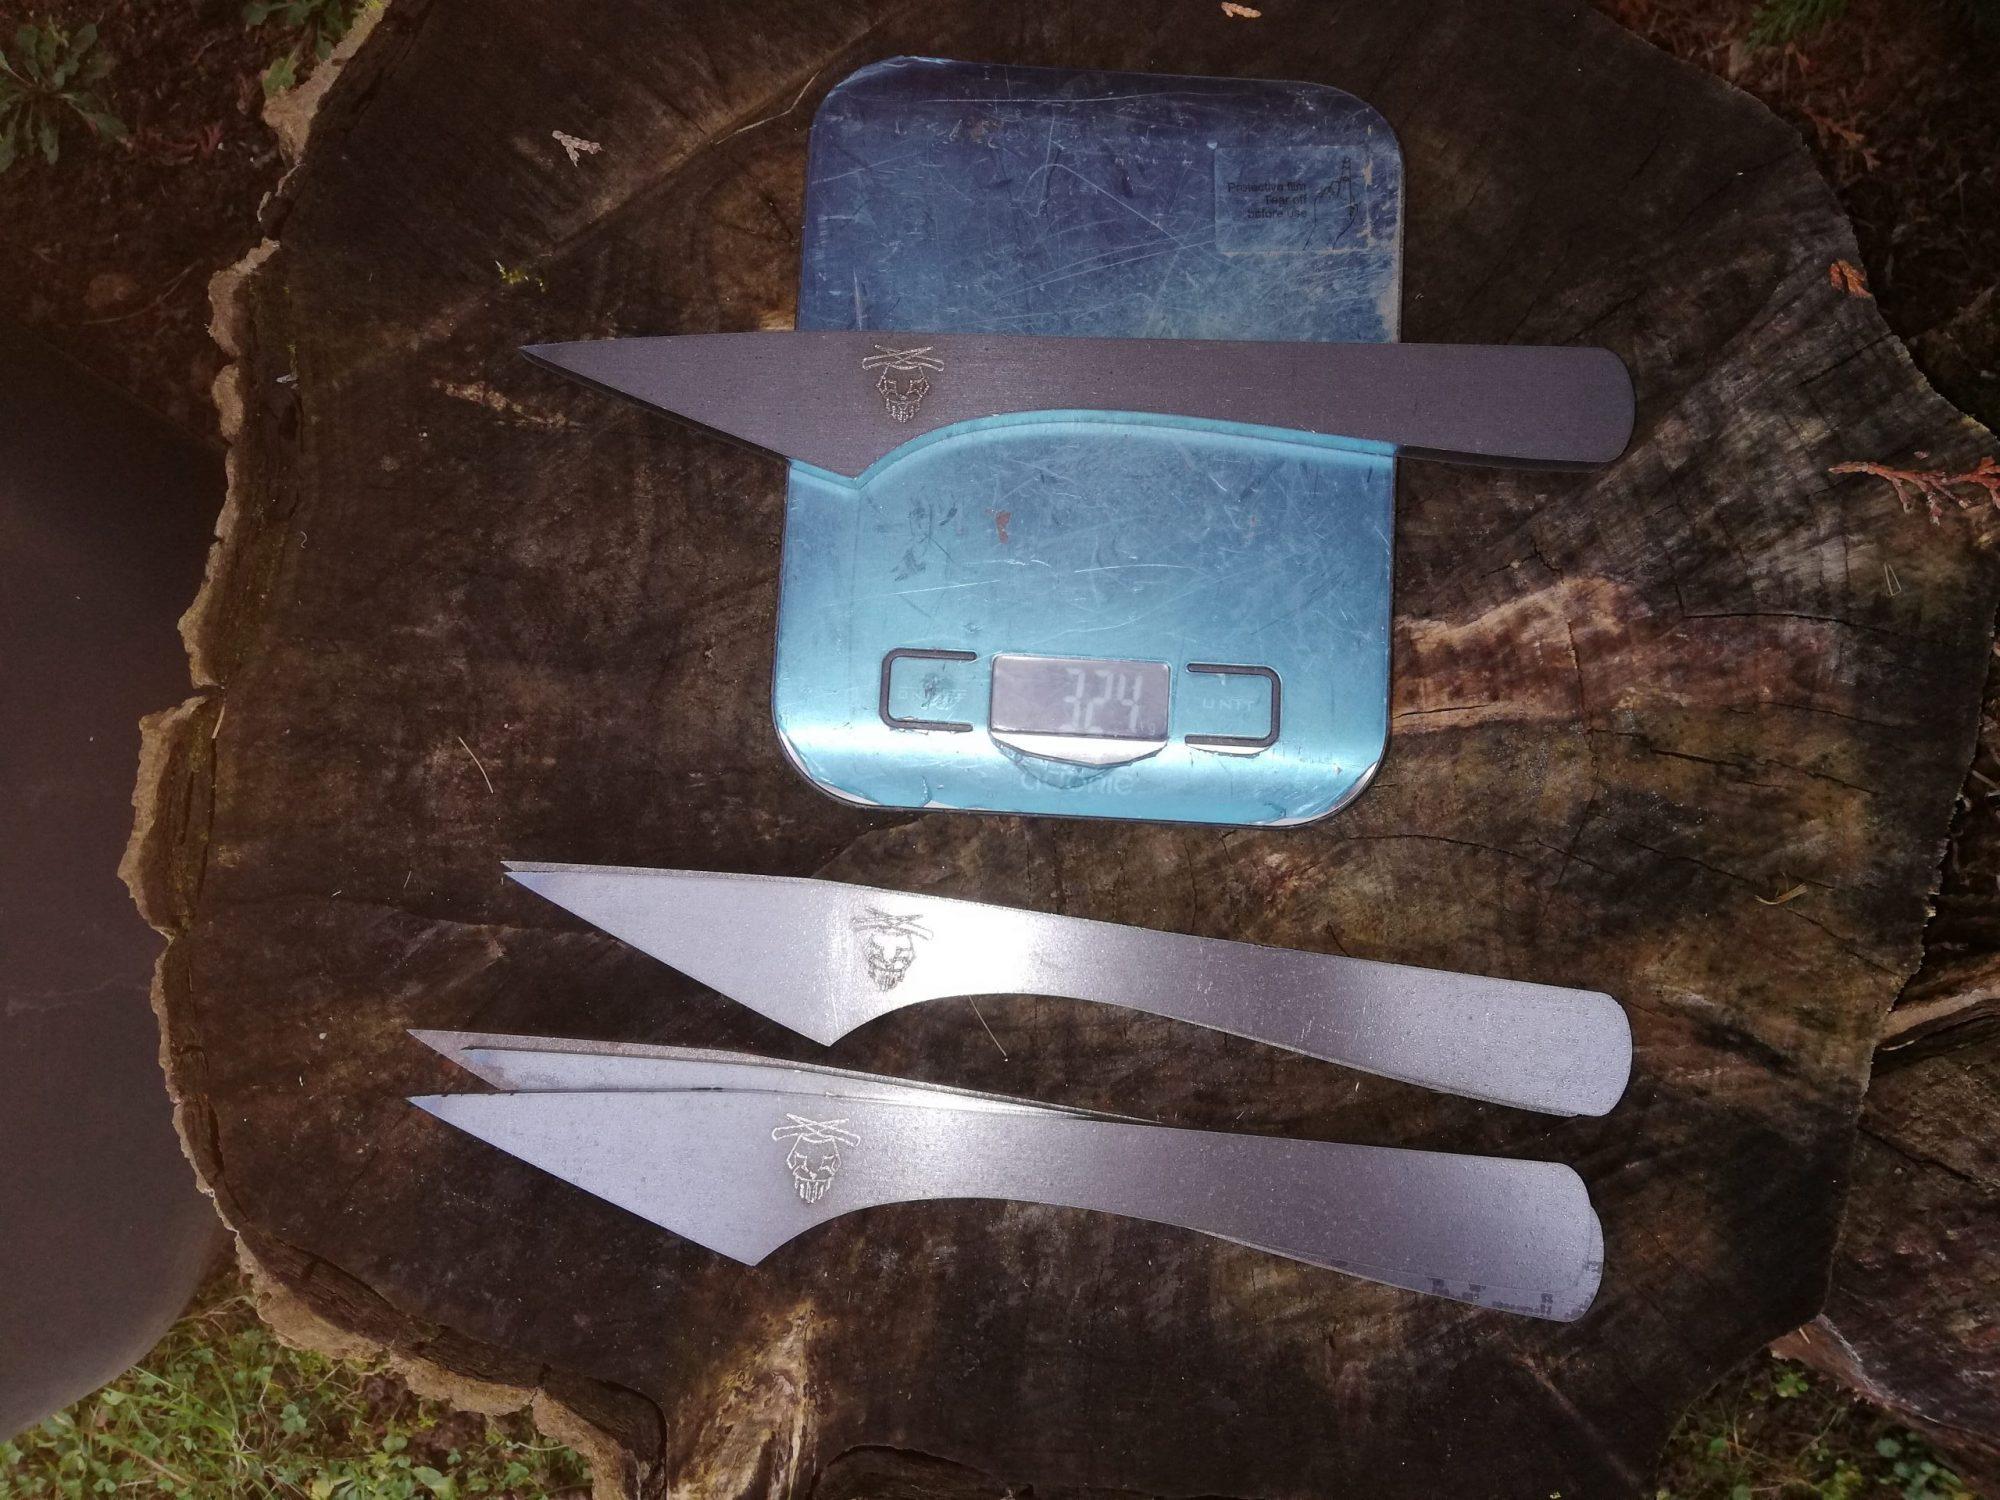 Couteau brute de découpe